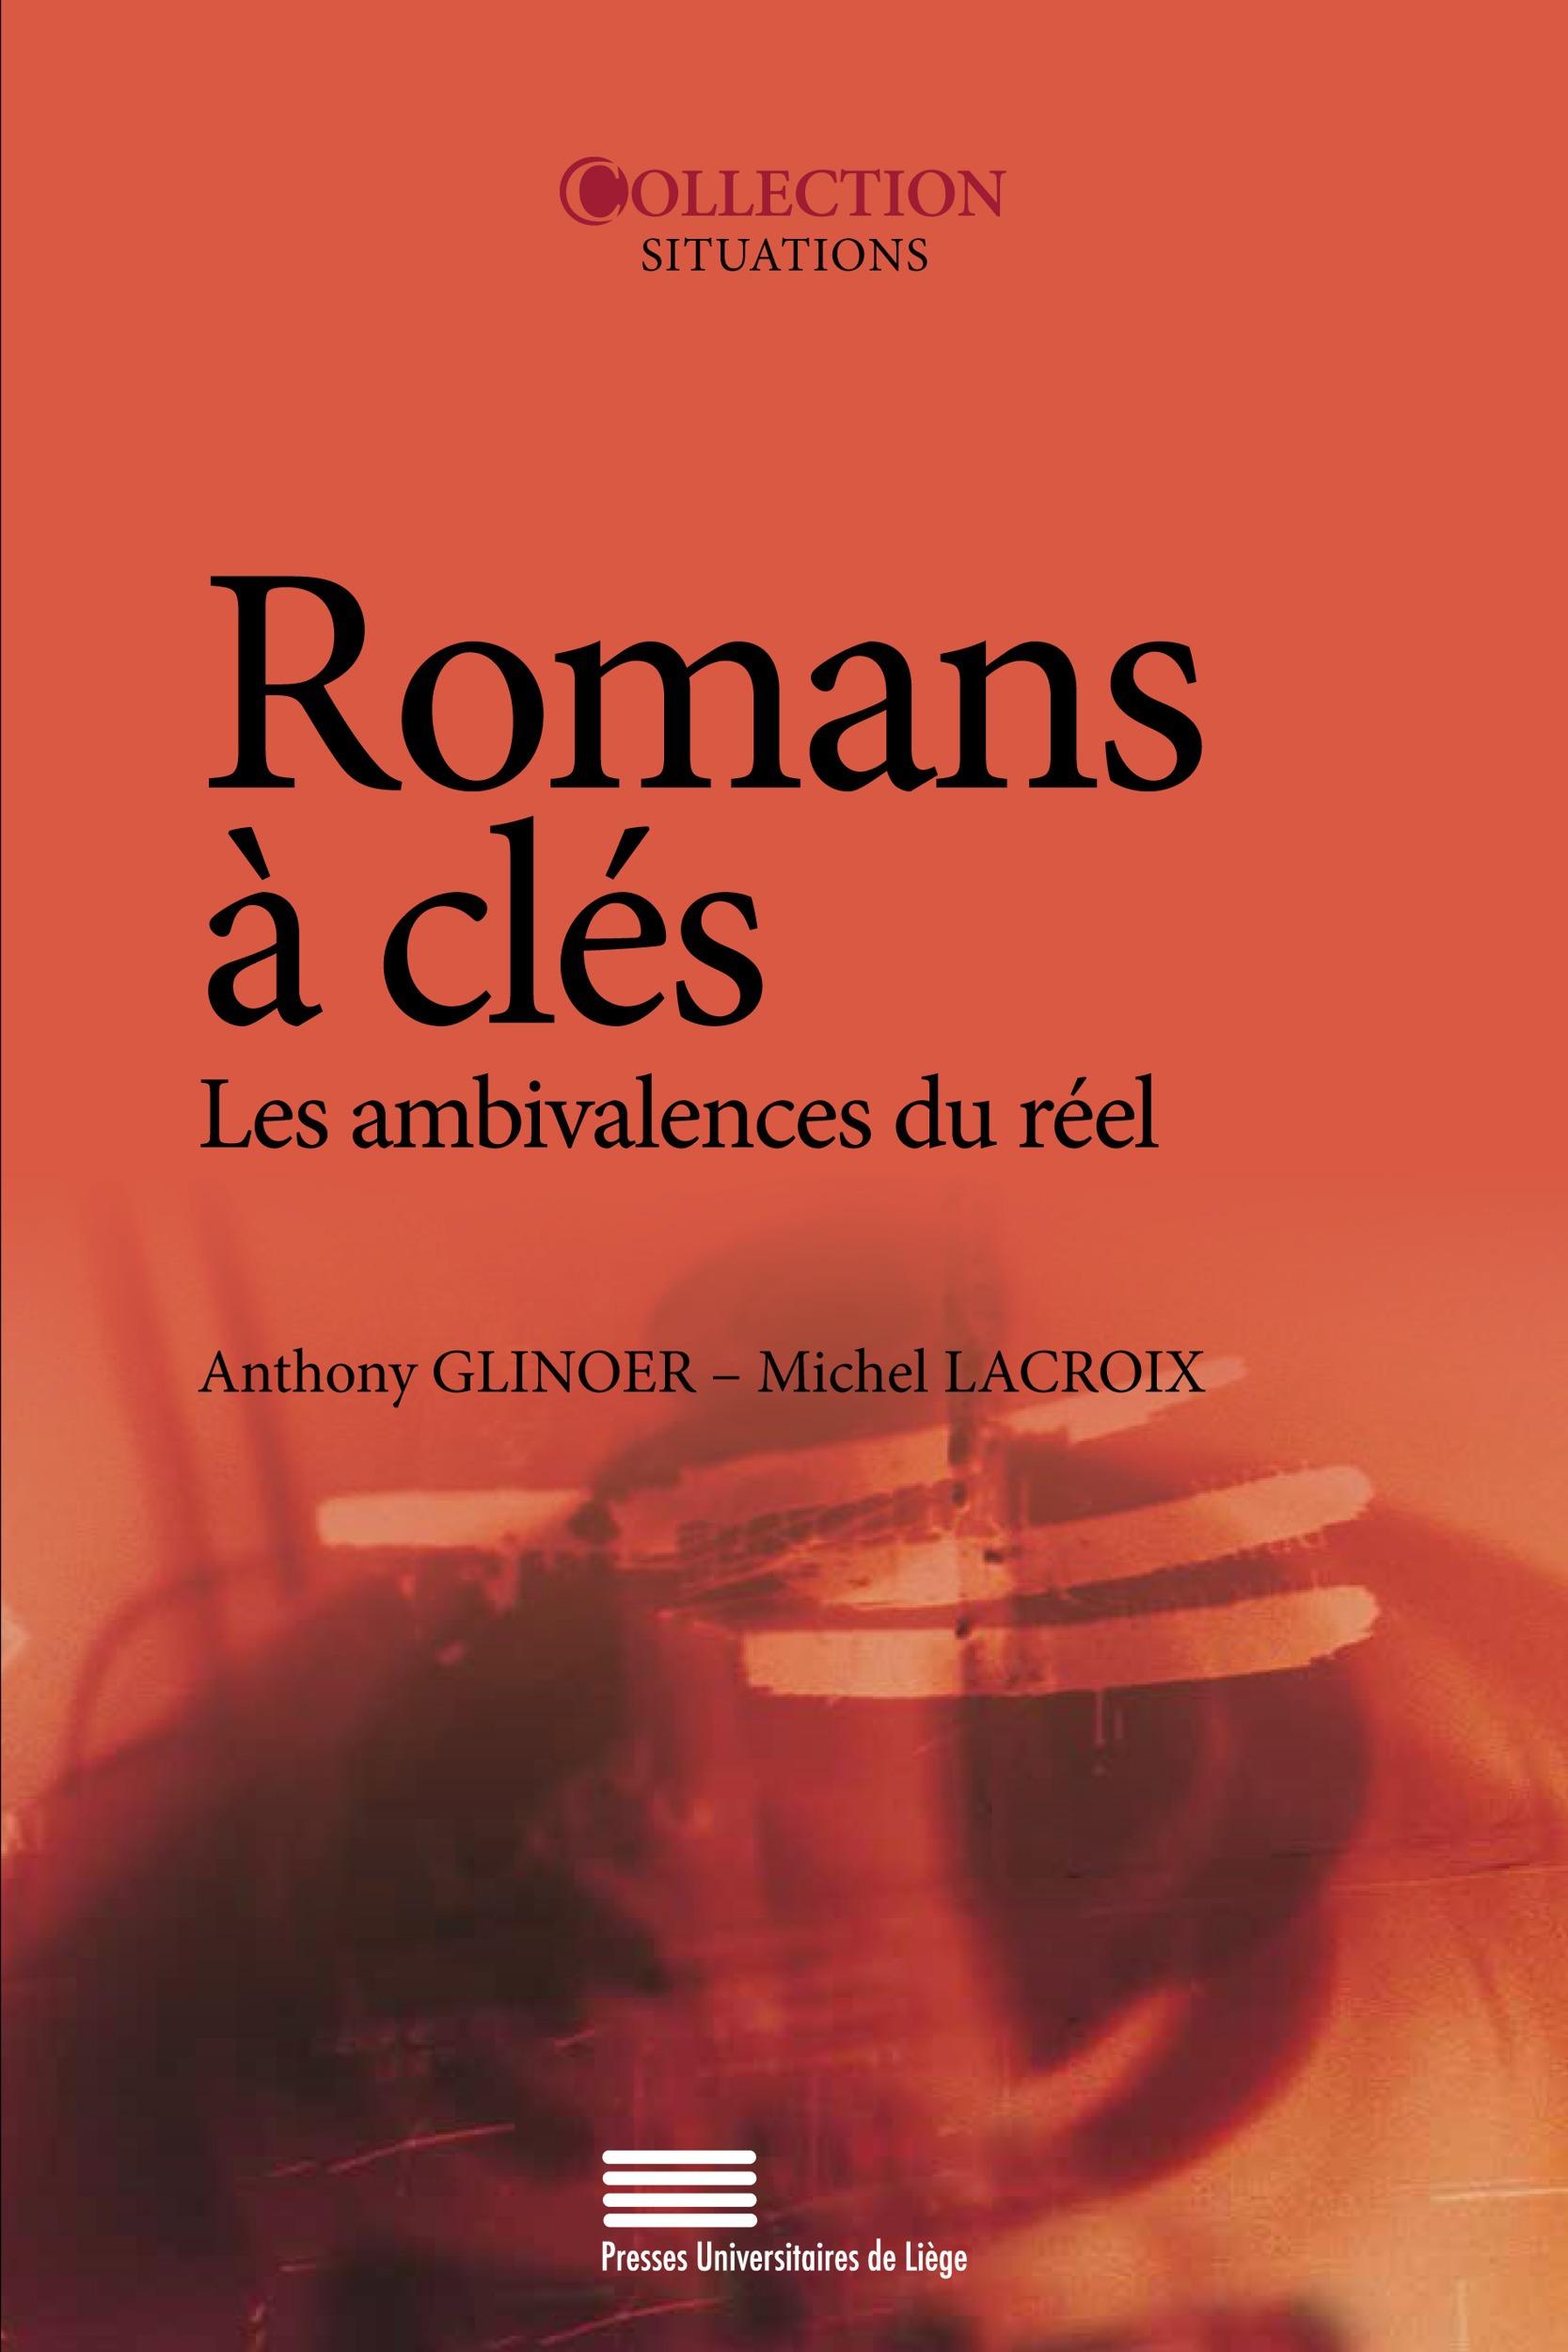 Romans à clés  - Michel LACROIX  - Anthony GLINOER